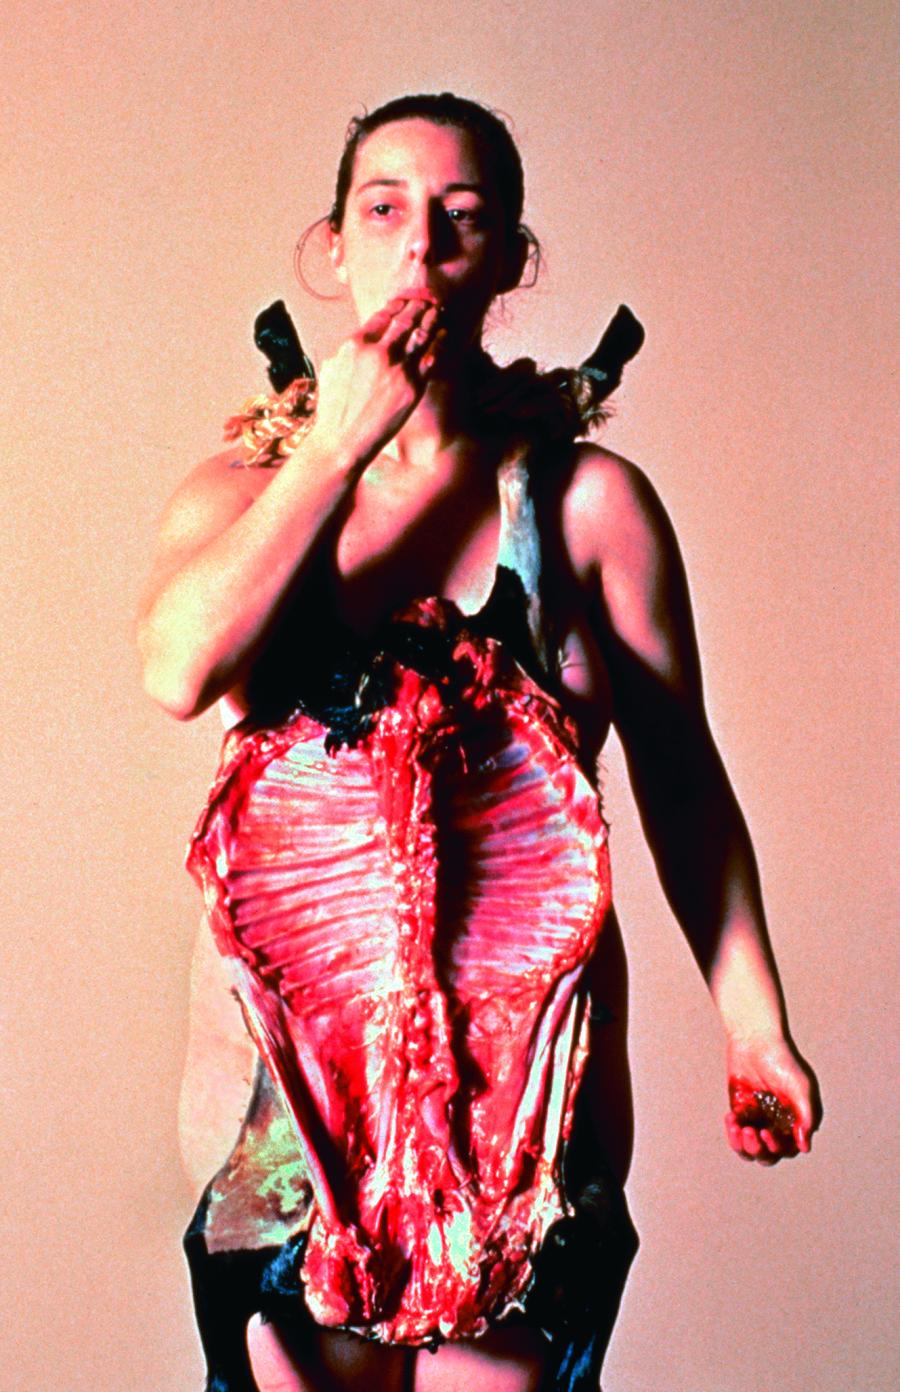 Tania Bruguera, The Burden of Guilt, 1997–99. Image courtesy of Museo de Bellas Artes, Caracas.